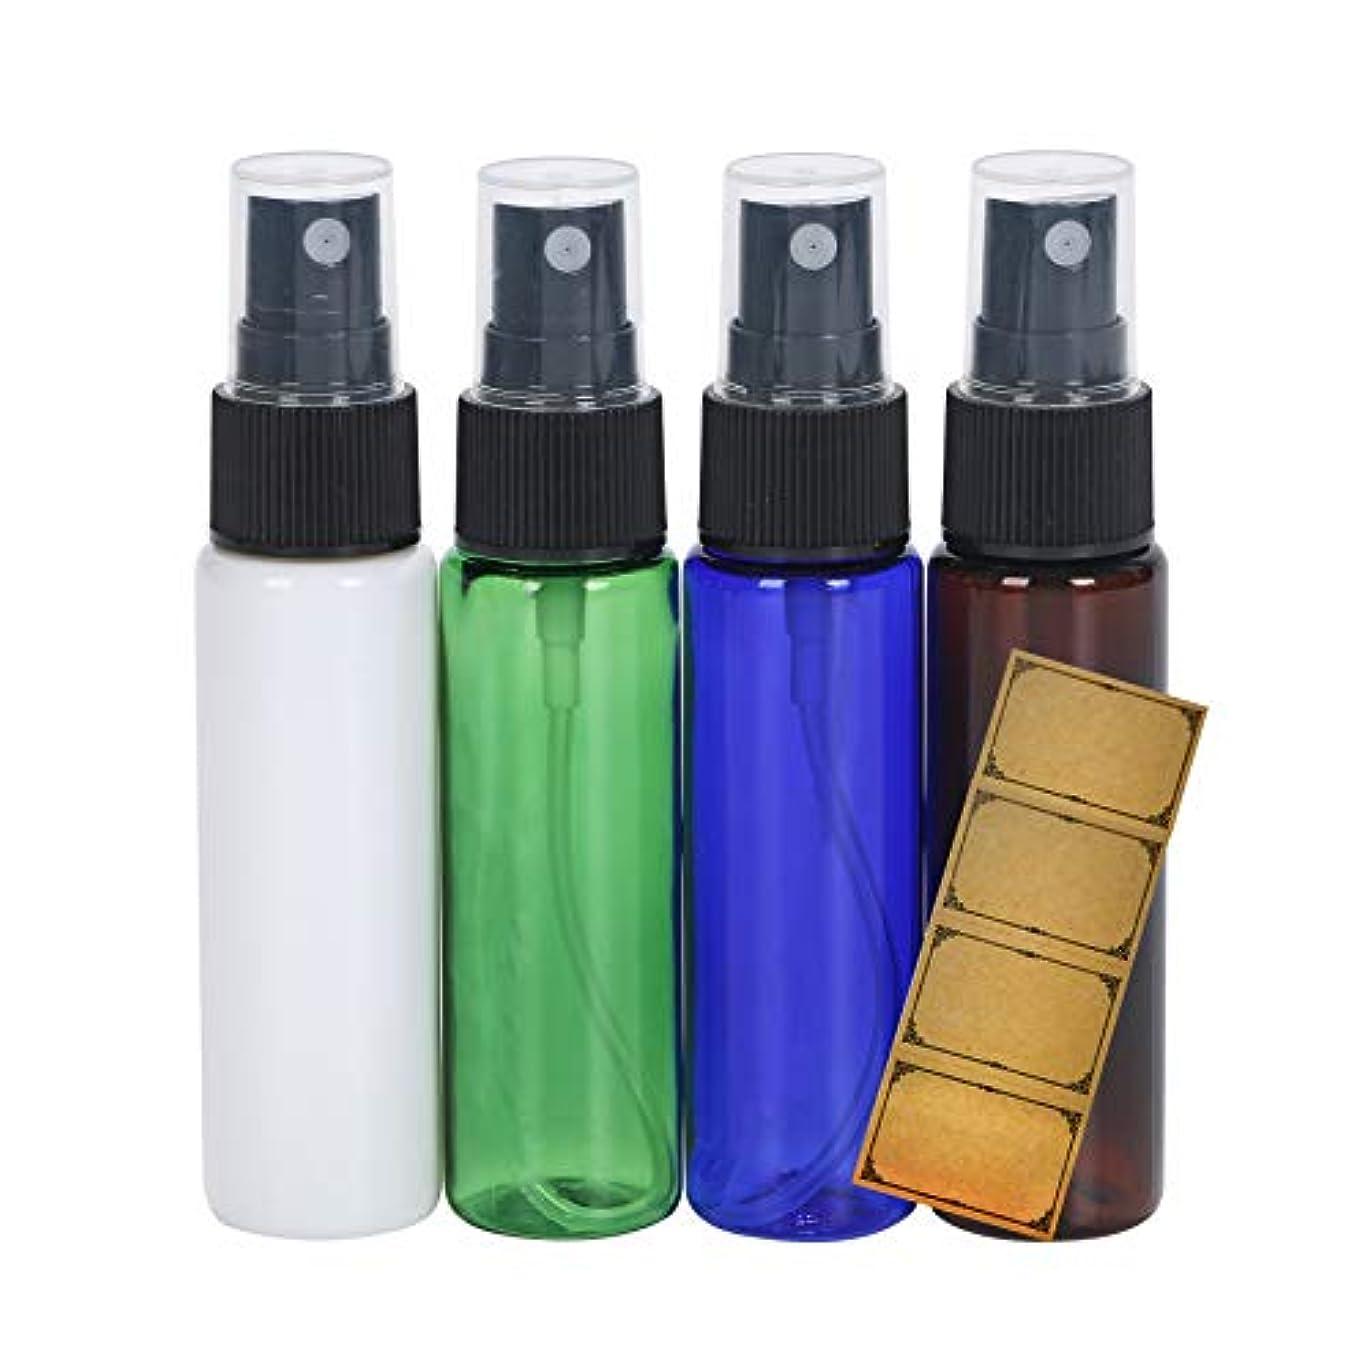 ほとんどの場合純正力スプレーボトル 30ml 緑色4本 オリジナルラベルシール付き 遮光 PET製 (緑色)